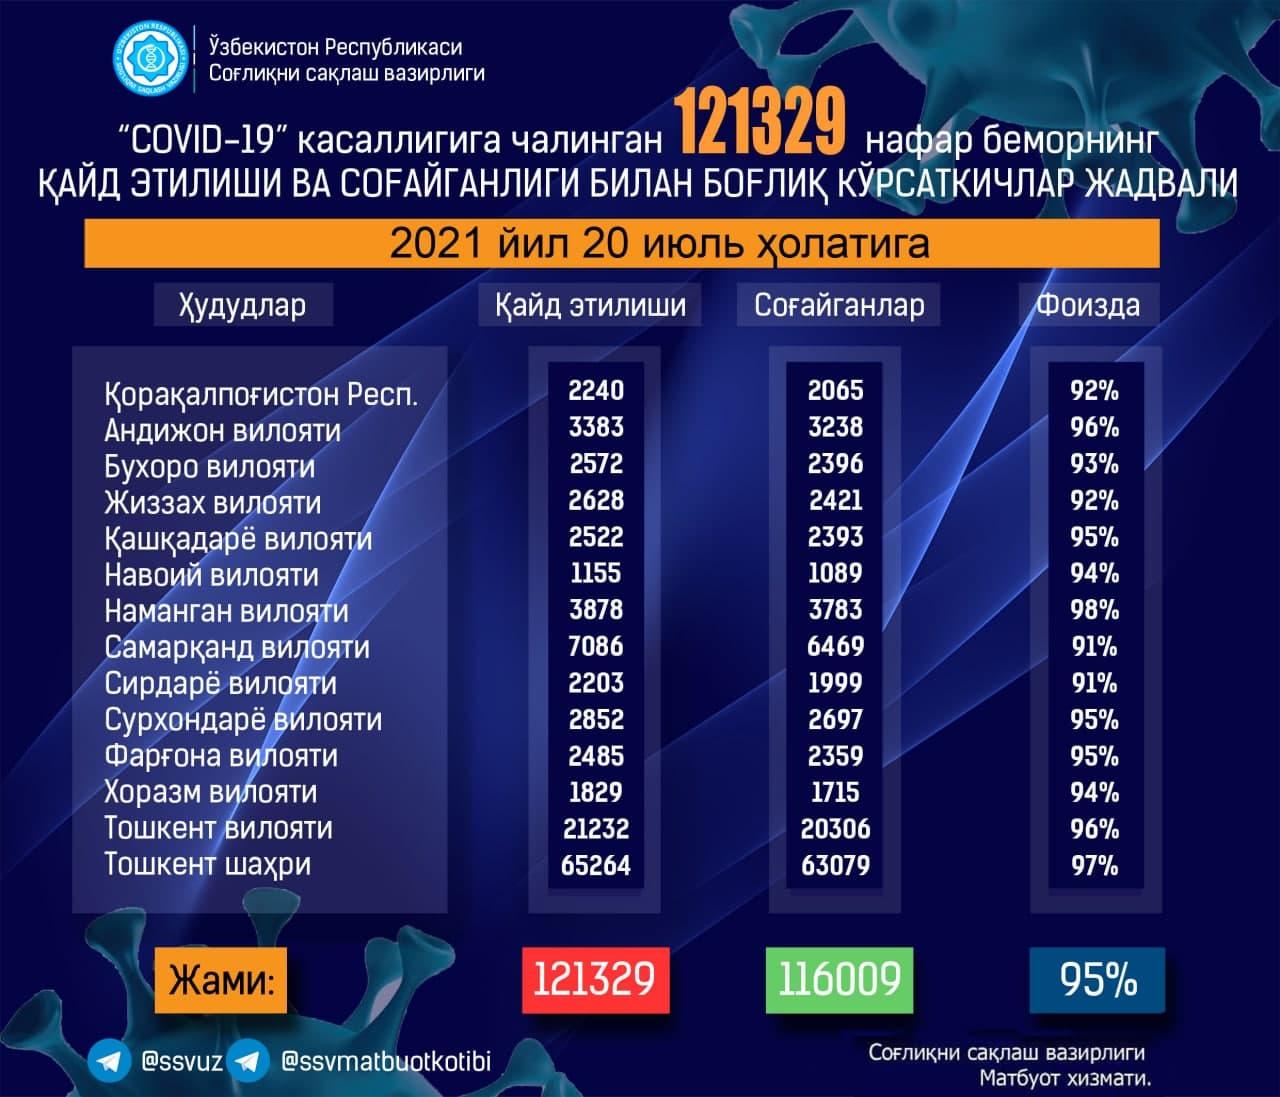 Очередной антирекорд: В Узбекистане за сутки выявили почти 700 новых заражений коронавирусом